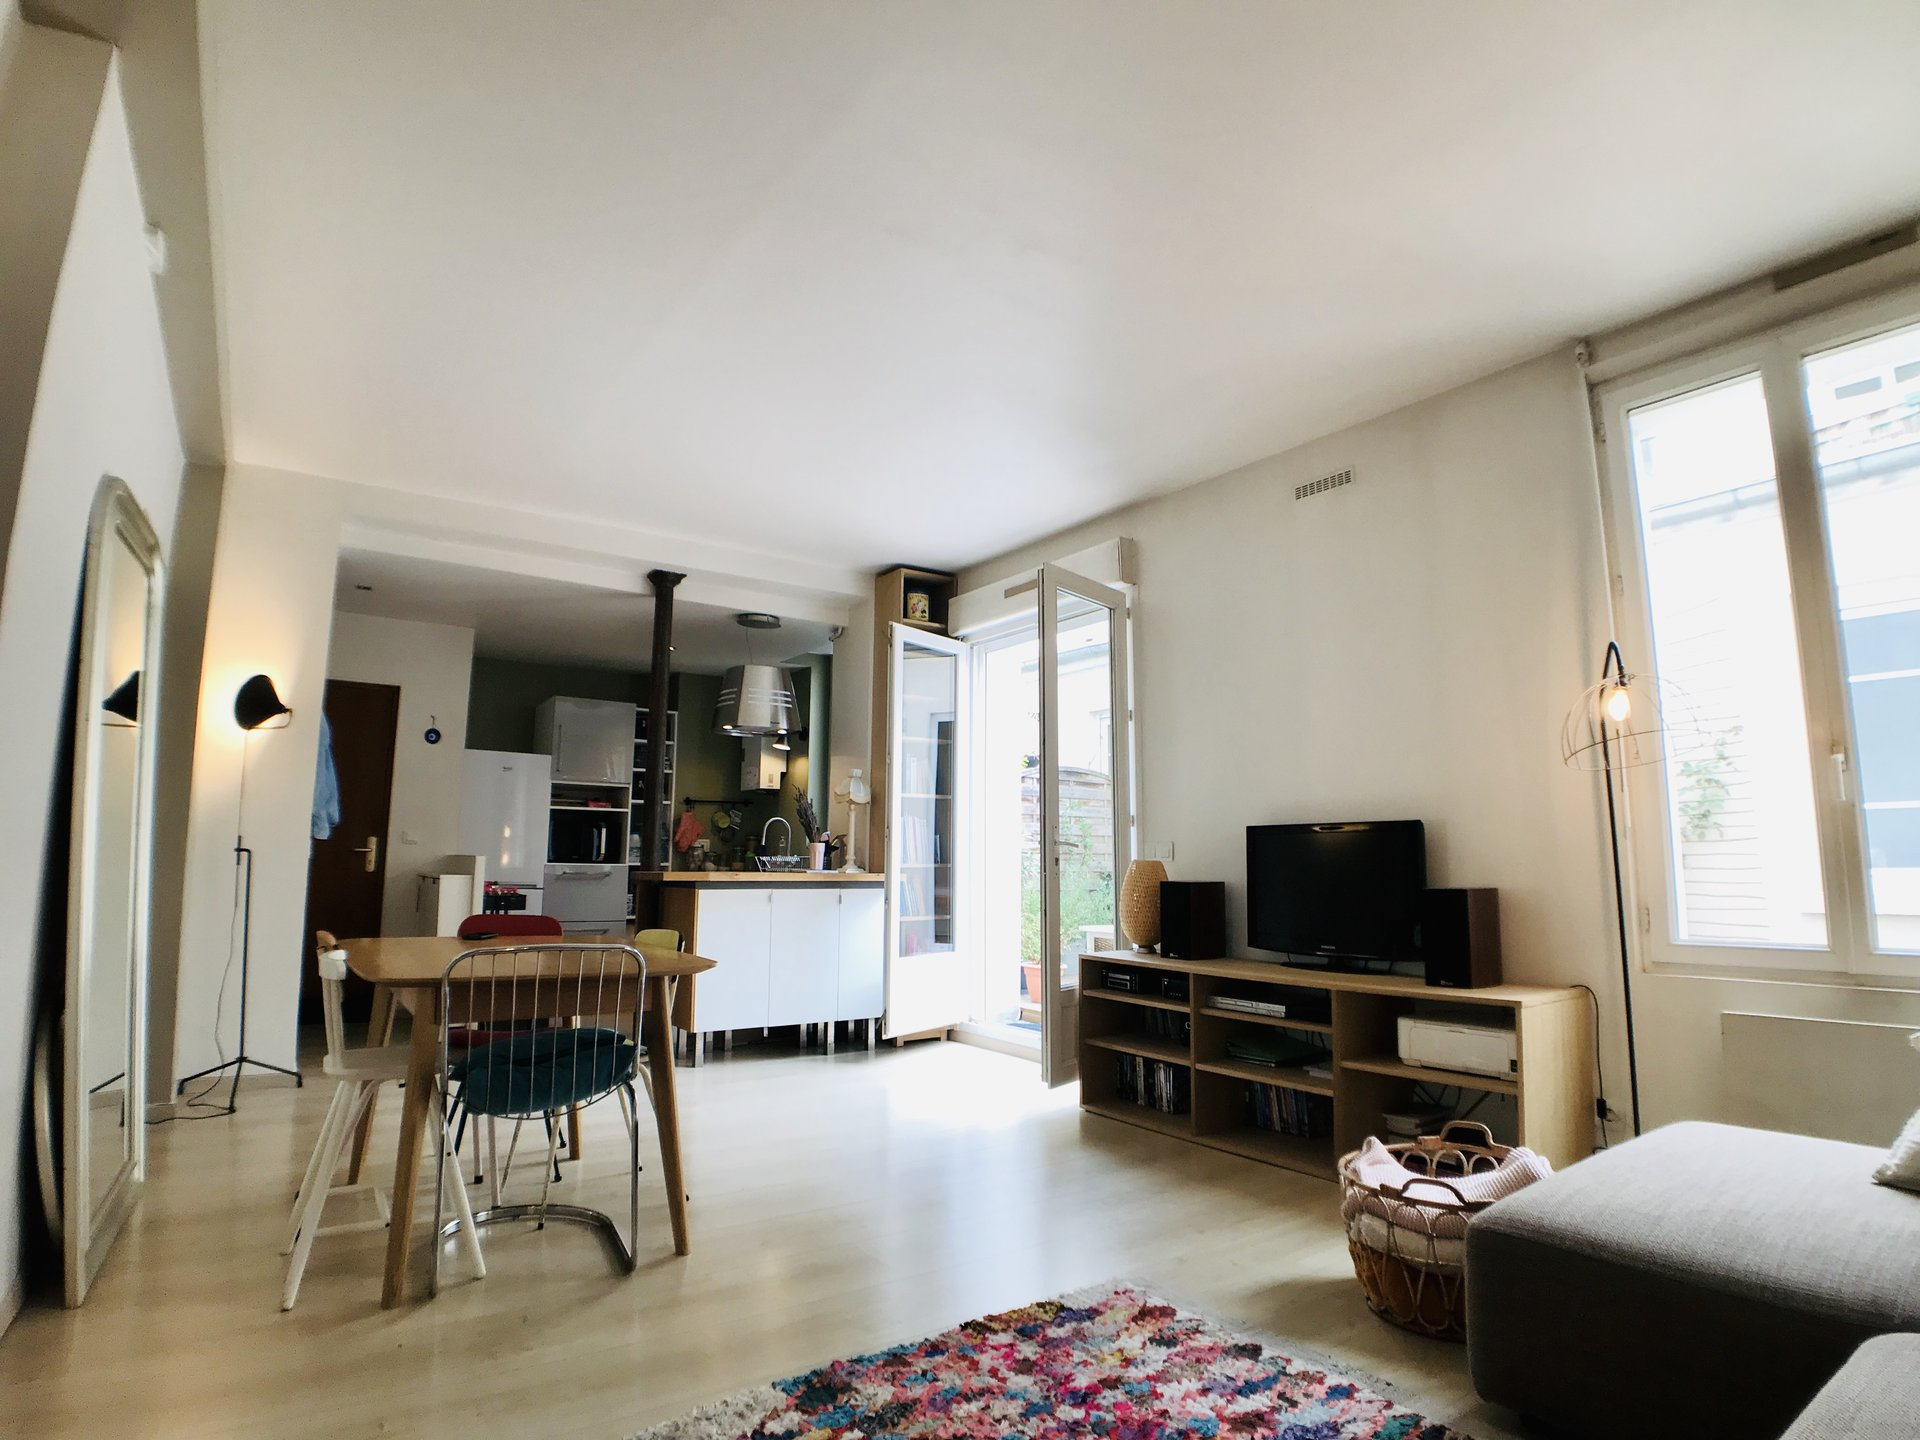 Paris - XX ème - M° Gambetta / Porte de Bagnolet - 5 Pièces - 3 CHAMBRES - TERRASSE - LUMIÈRE TRAVERSANTE - CADRE VERDOYANT - CALME ABSOLU - UN STUDIO INDÉPENDANT